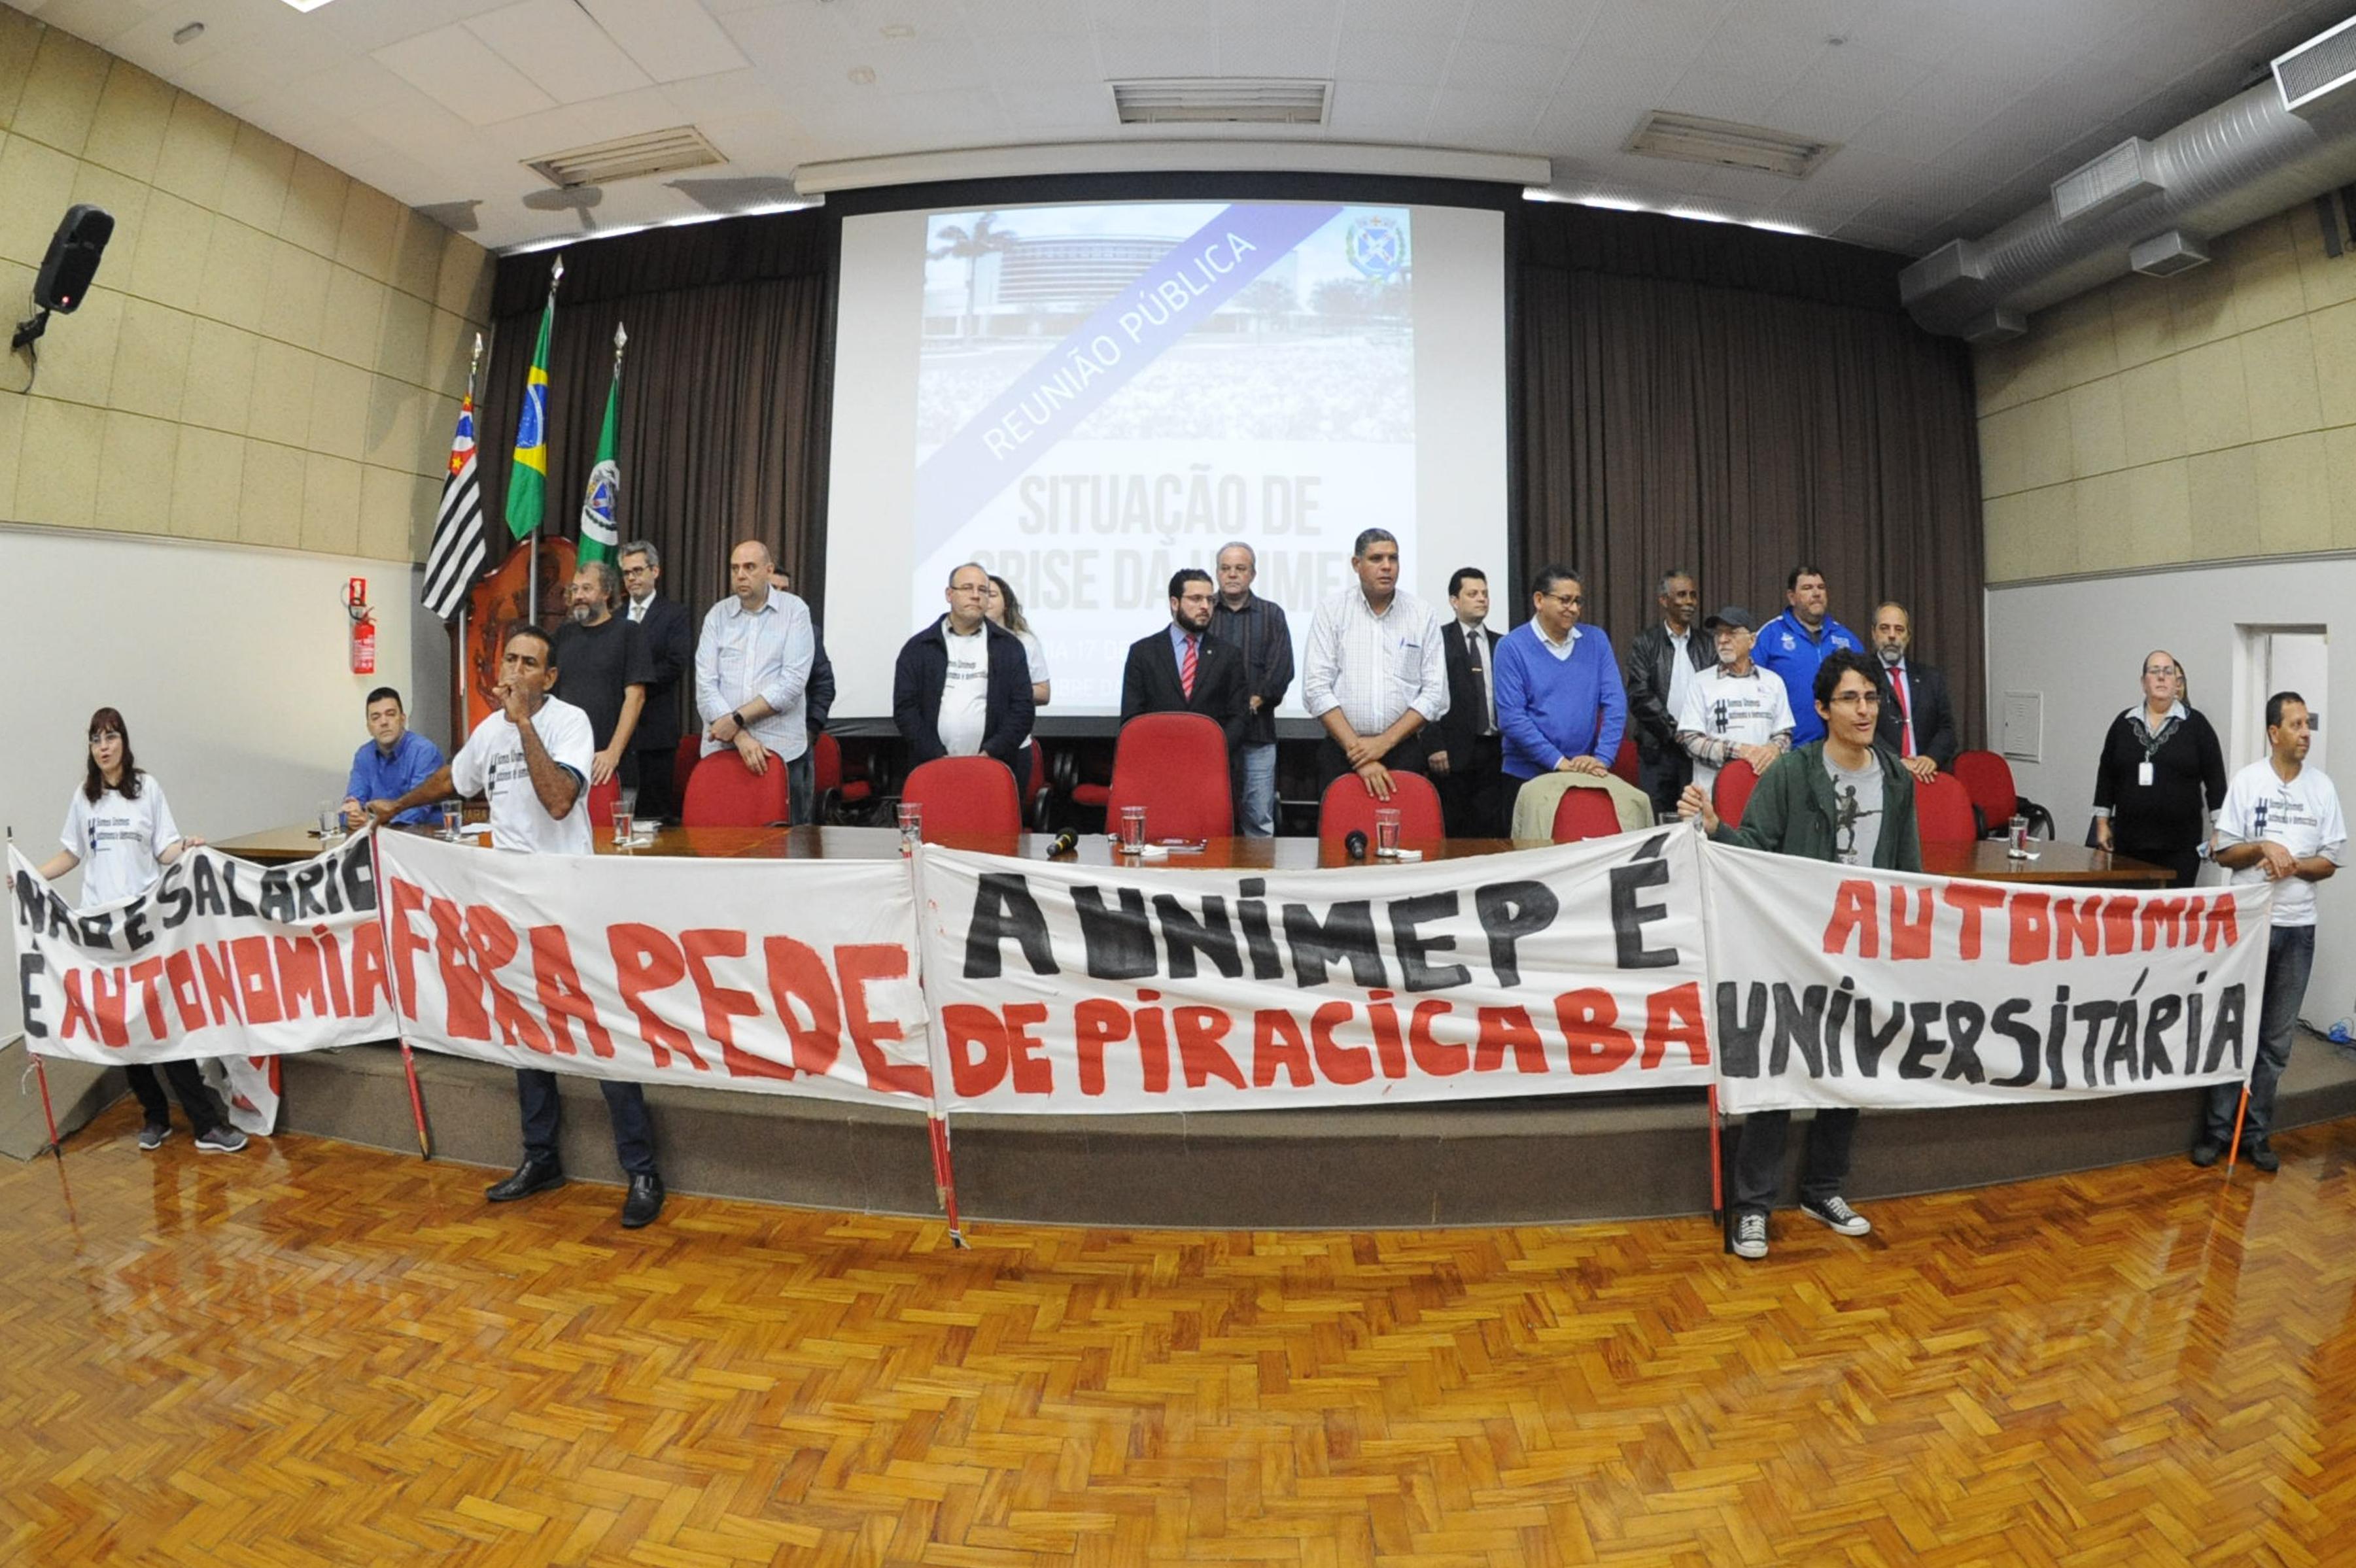 Unimep em luta – confira resumo da reunião aberta na Câmara dos Vereadores.